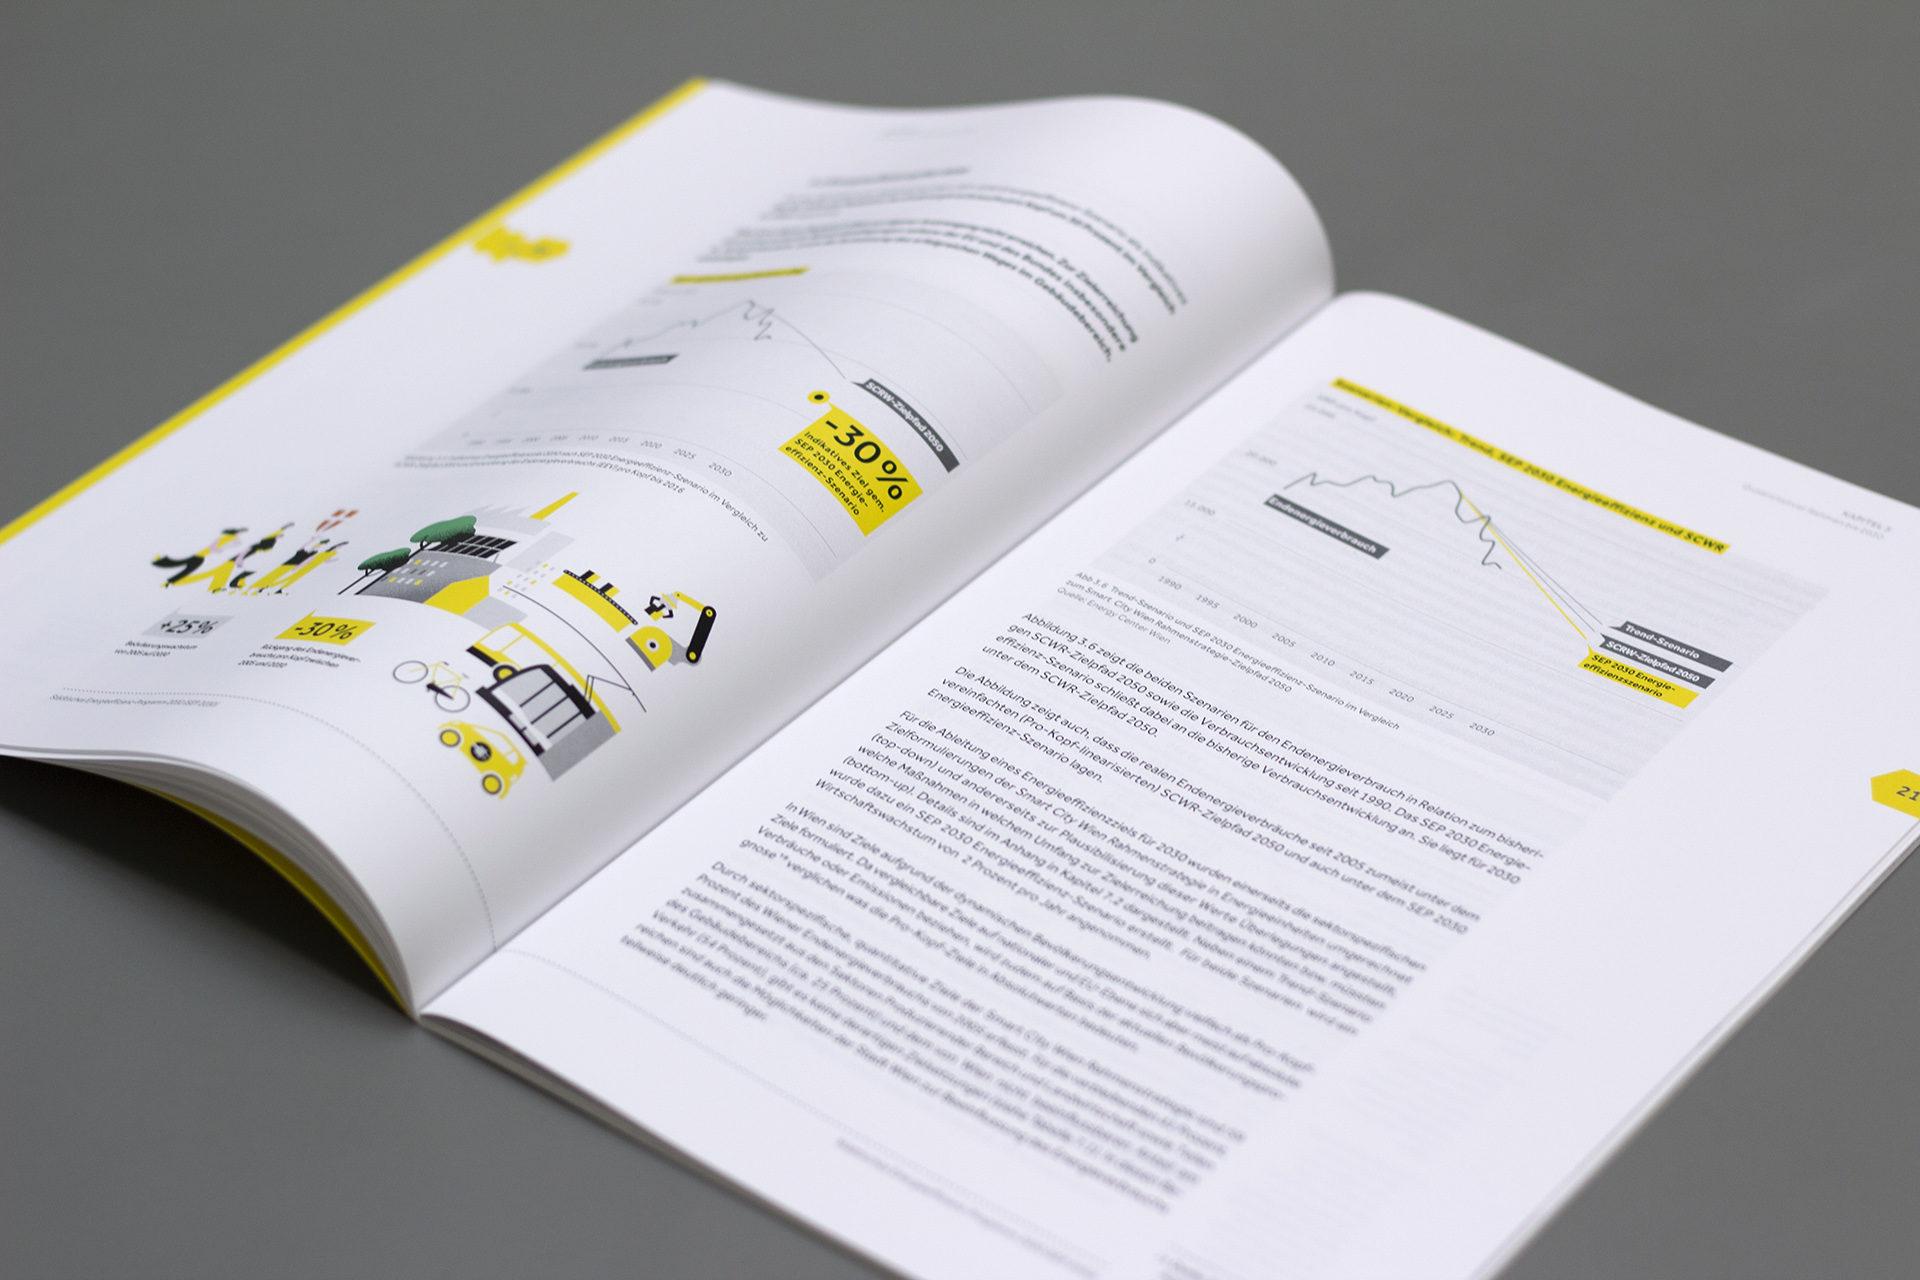 Detailansicht einer Seite aus dem Energiebericht der Stadt Wien mit Text und Infografik